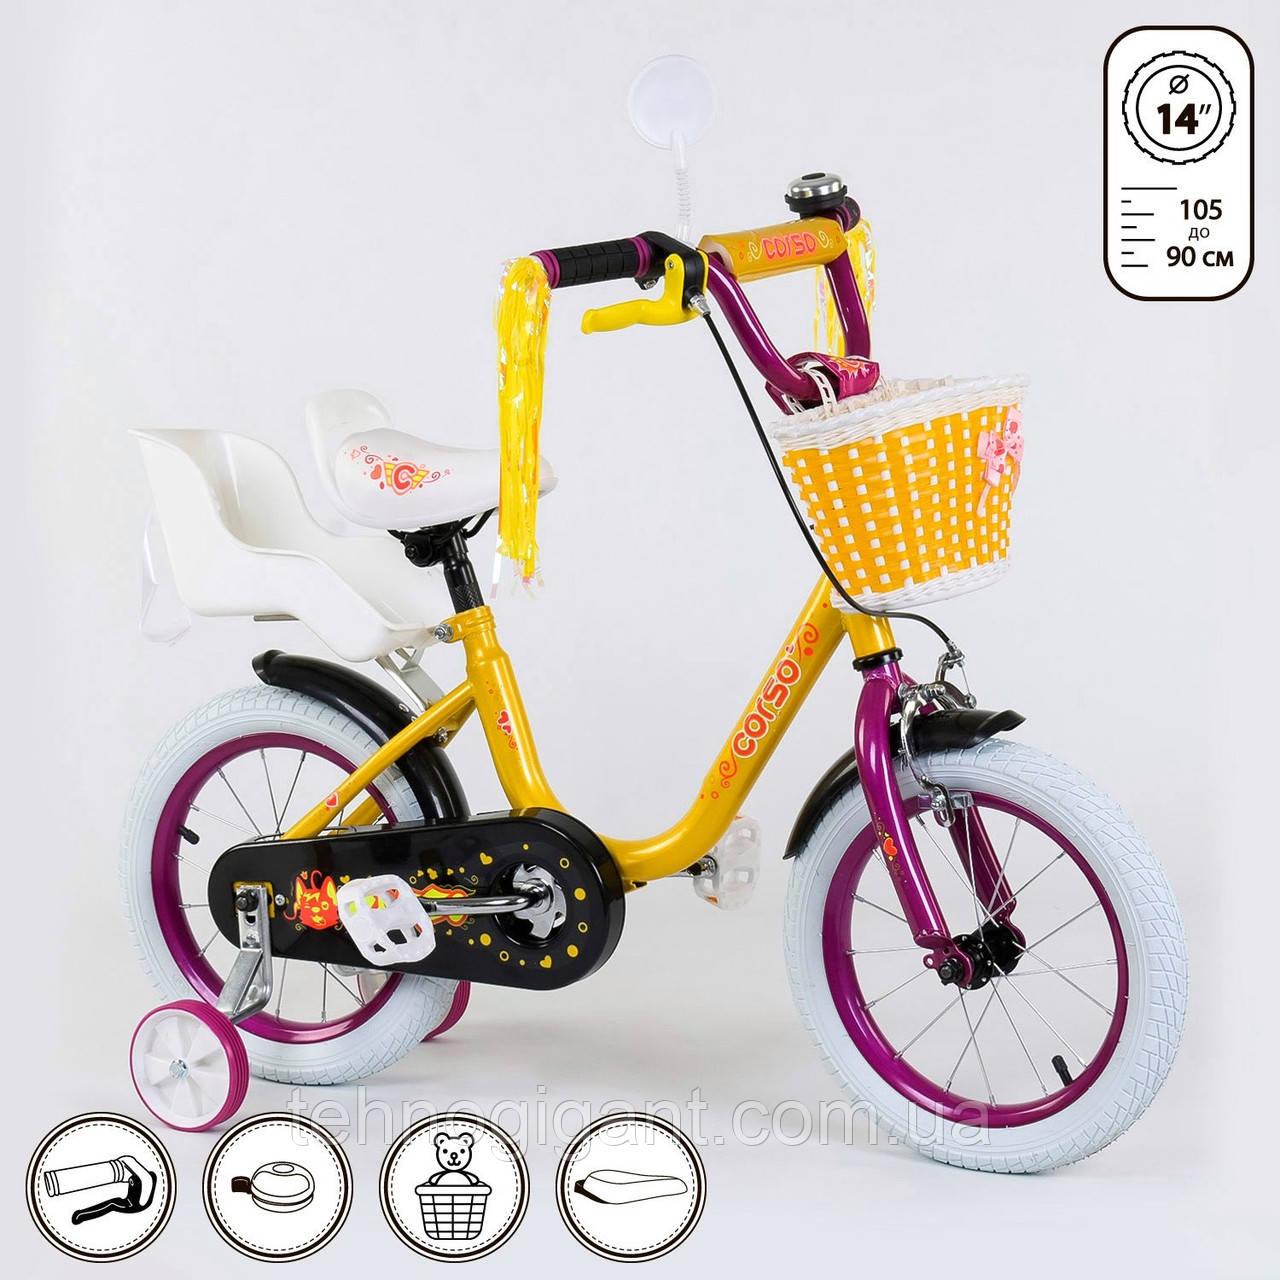 """Велосипед 14"""" дюймов 2-х колёсный """"CORSO""""  Желтый, ручной тормоз, звоночек, сидение с ручкой, доп. колеса"""